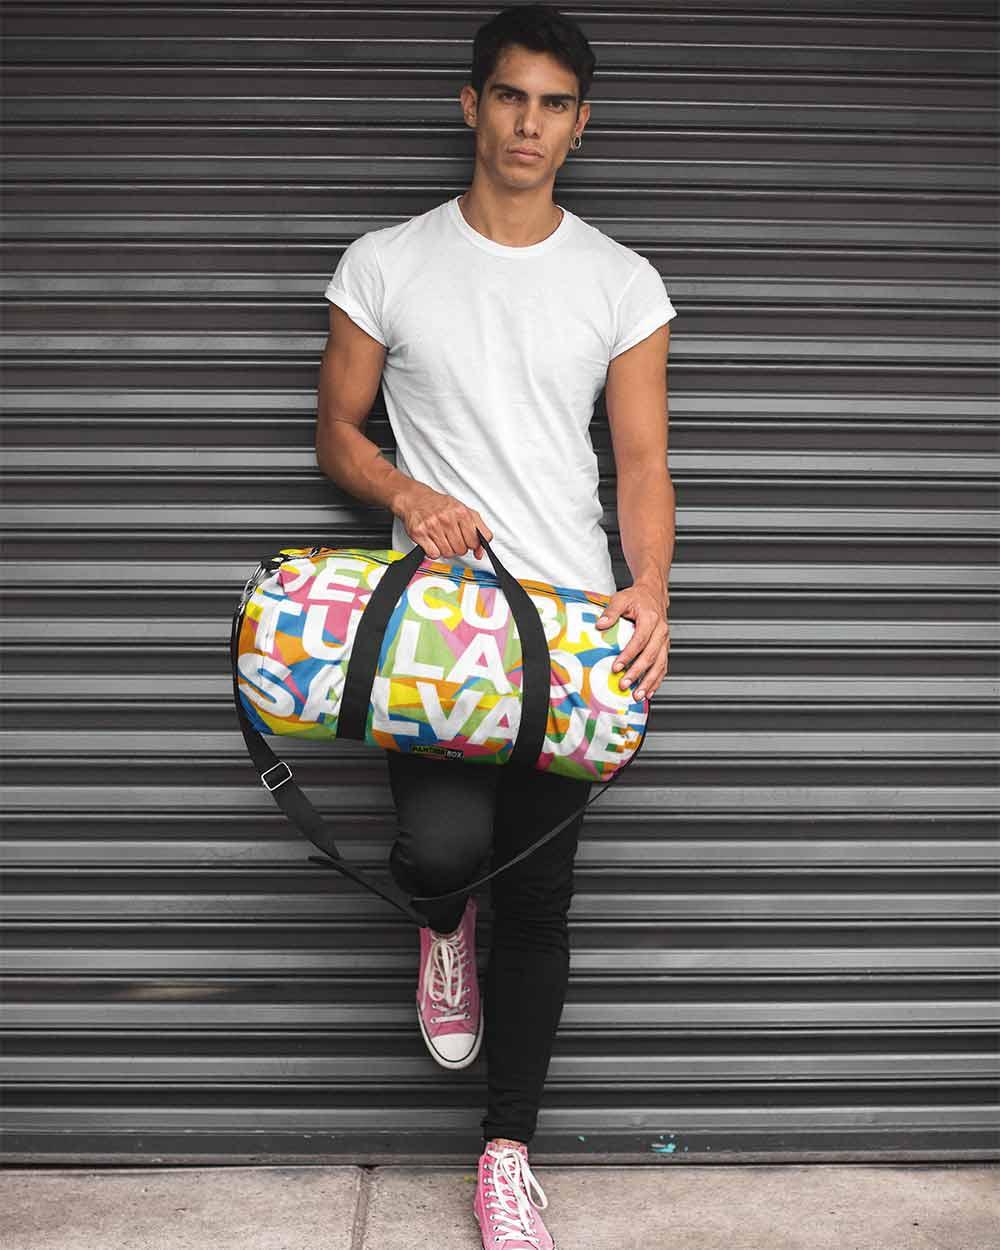 El hombre se encuentra con un colorido diseño de bolsa de deporte.